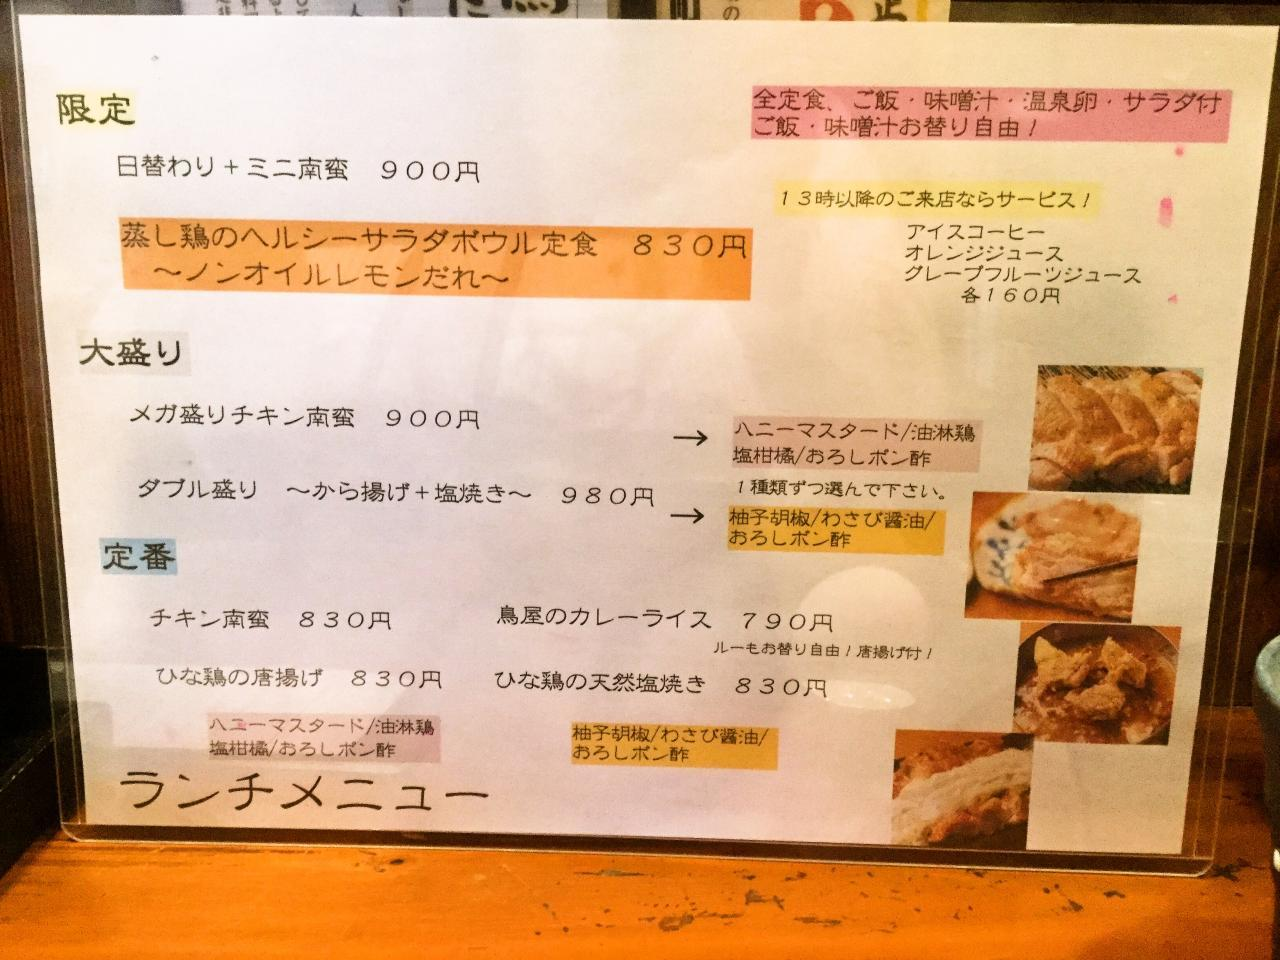 ふくの鳥 飯田橋店(メニュー)